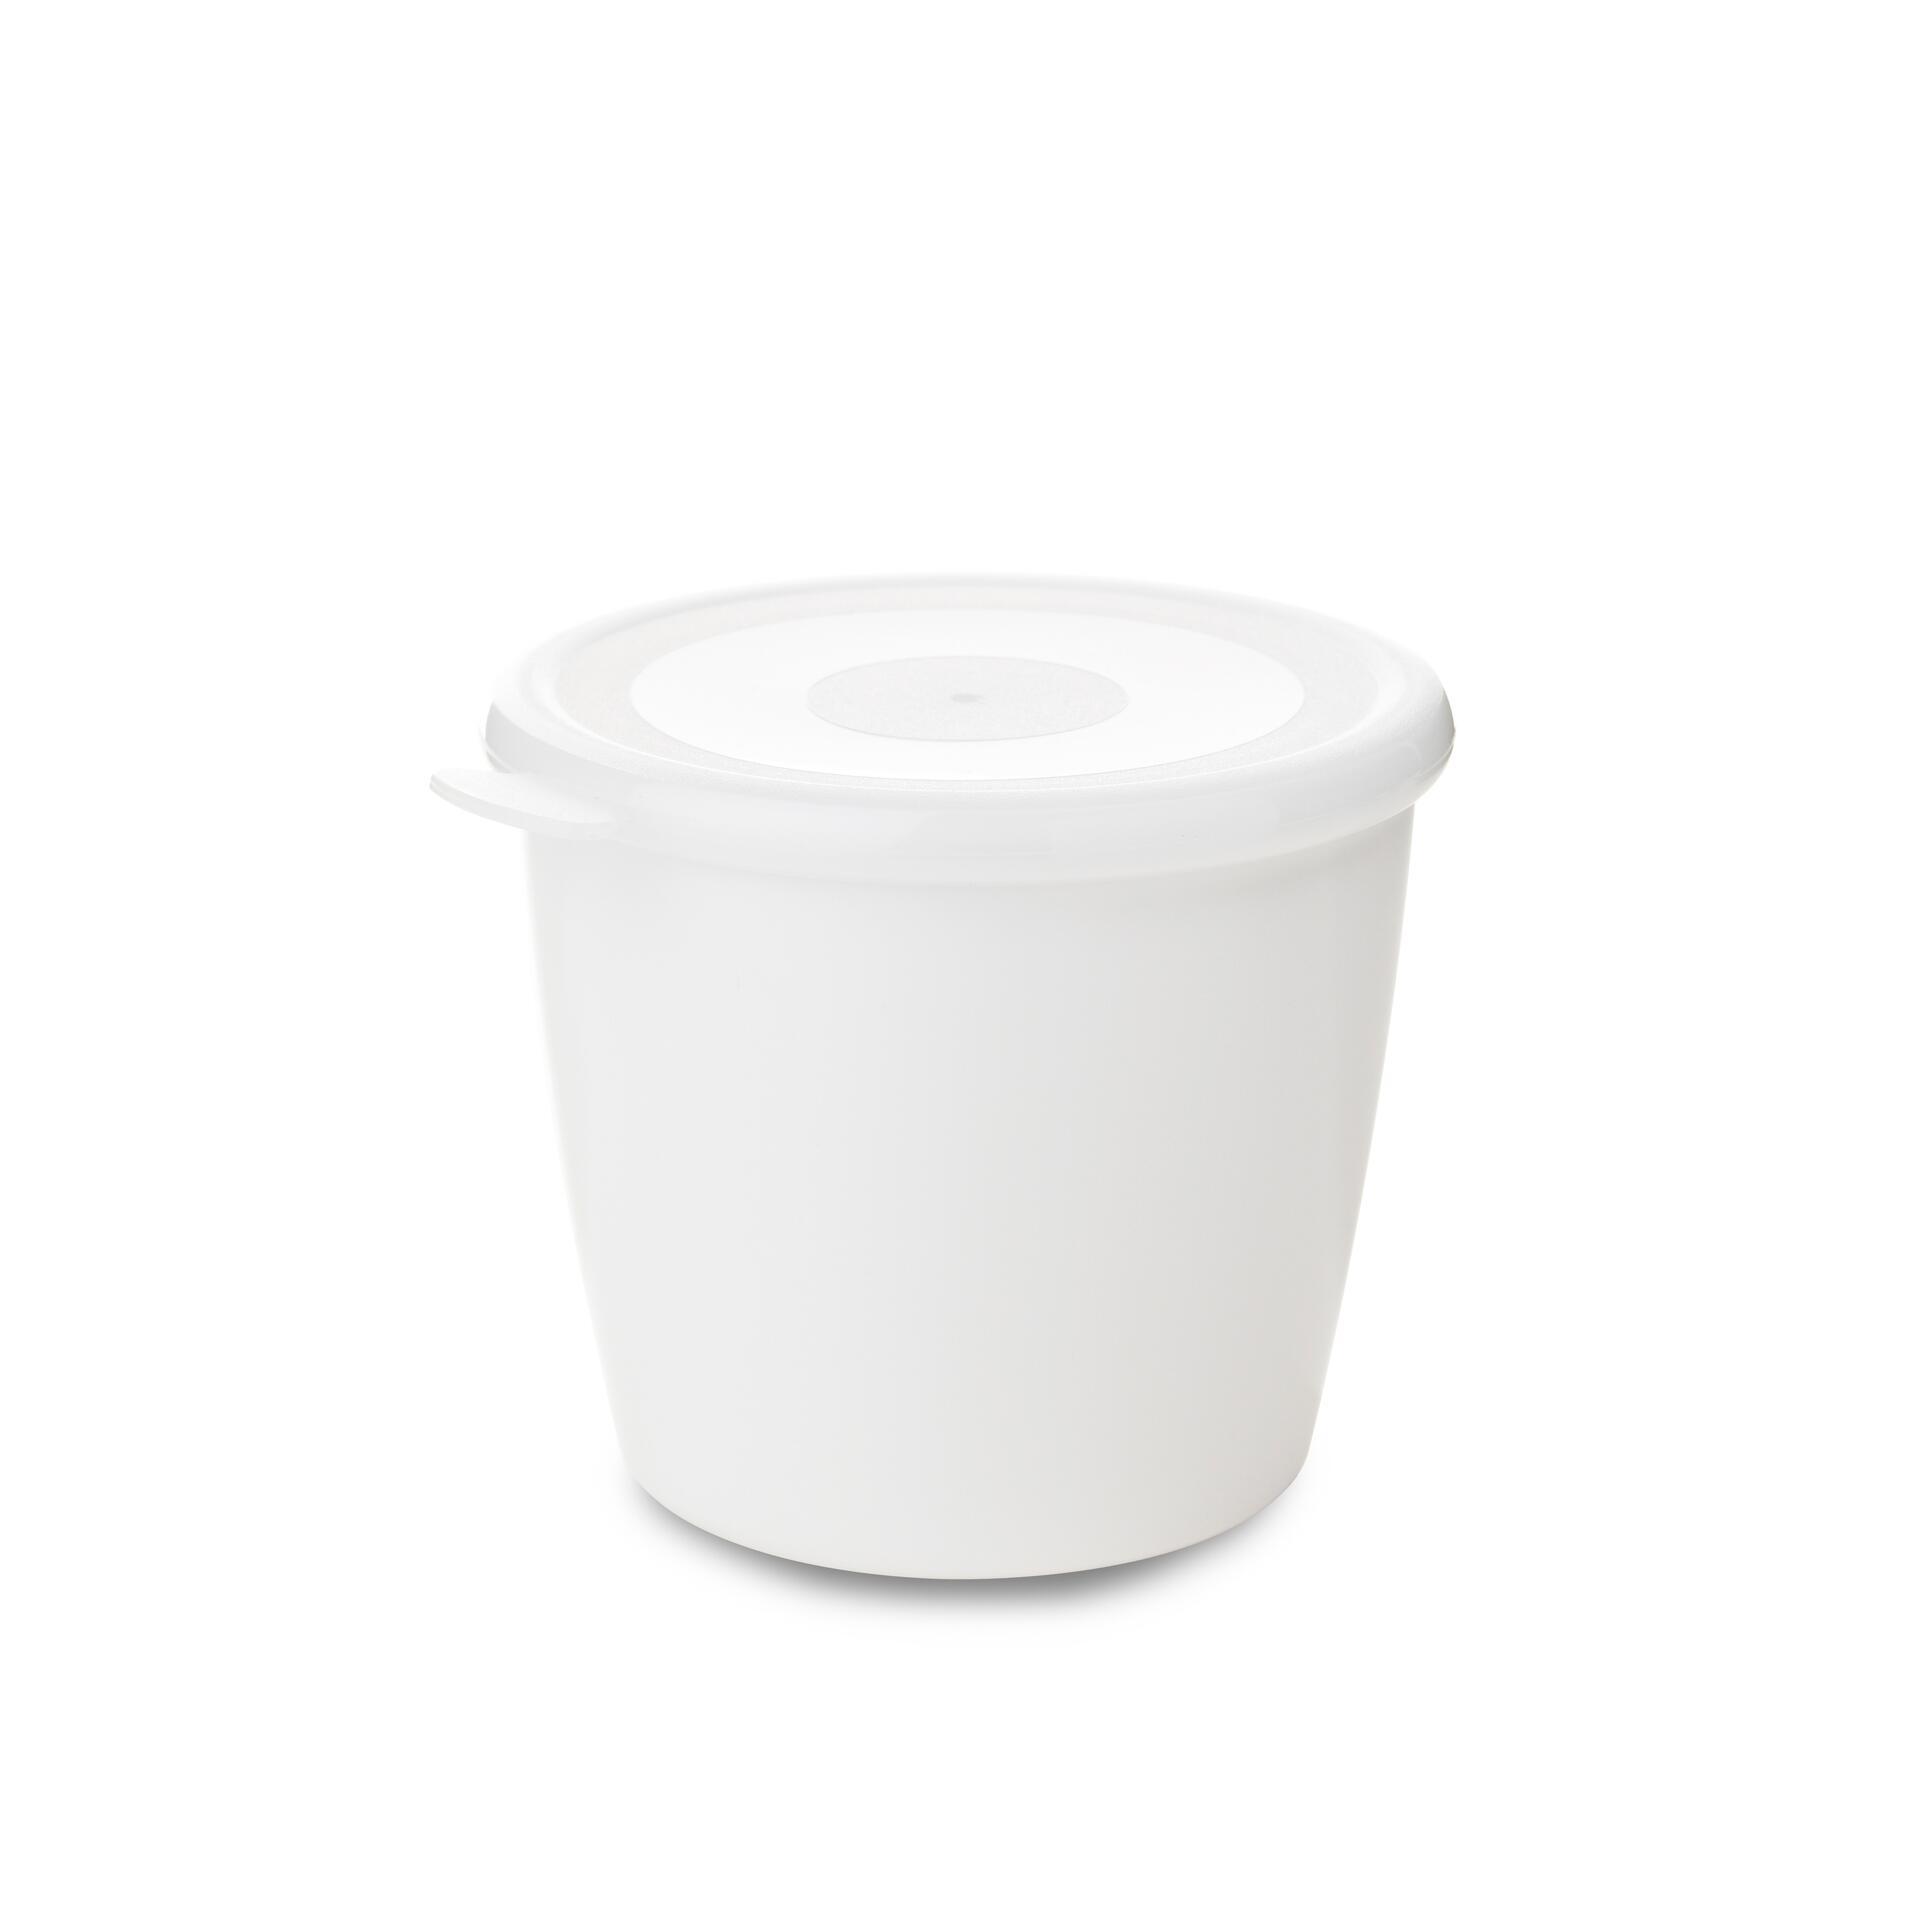 Rosti Mepal Volumia Aufbewahrung 650 ml Weiß